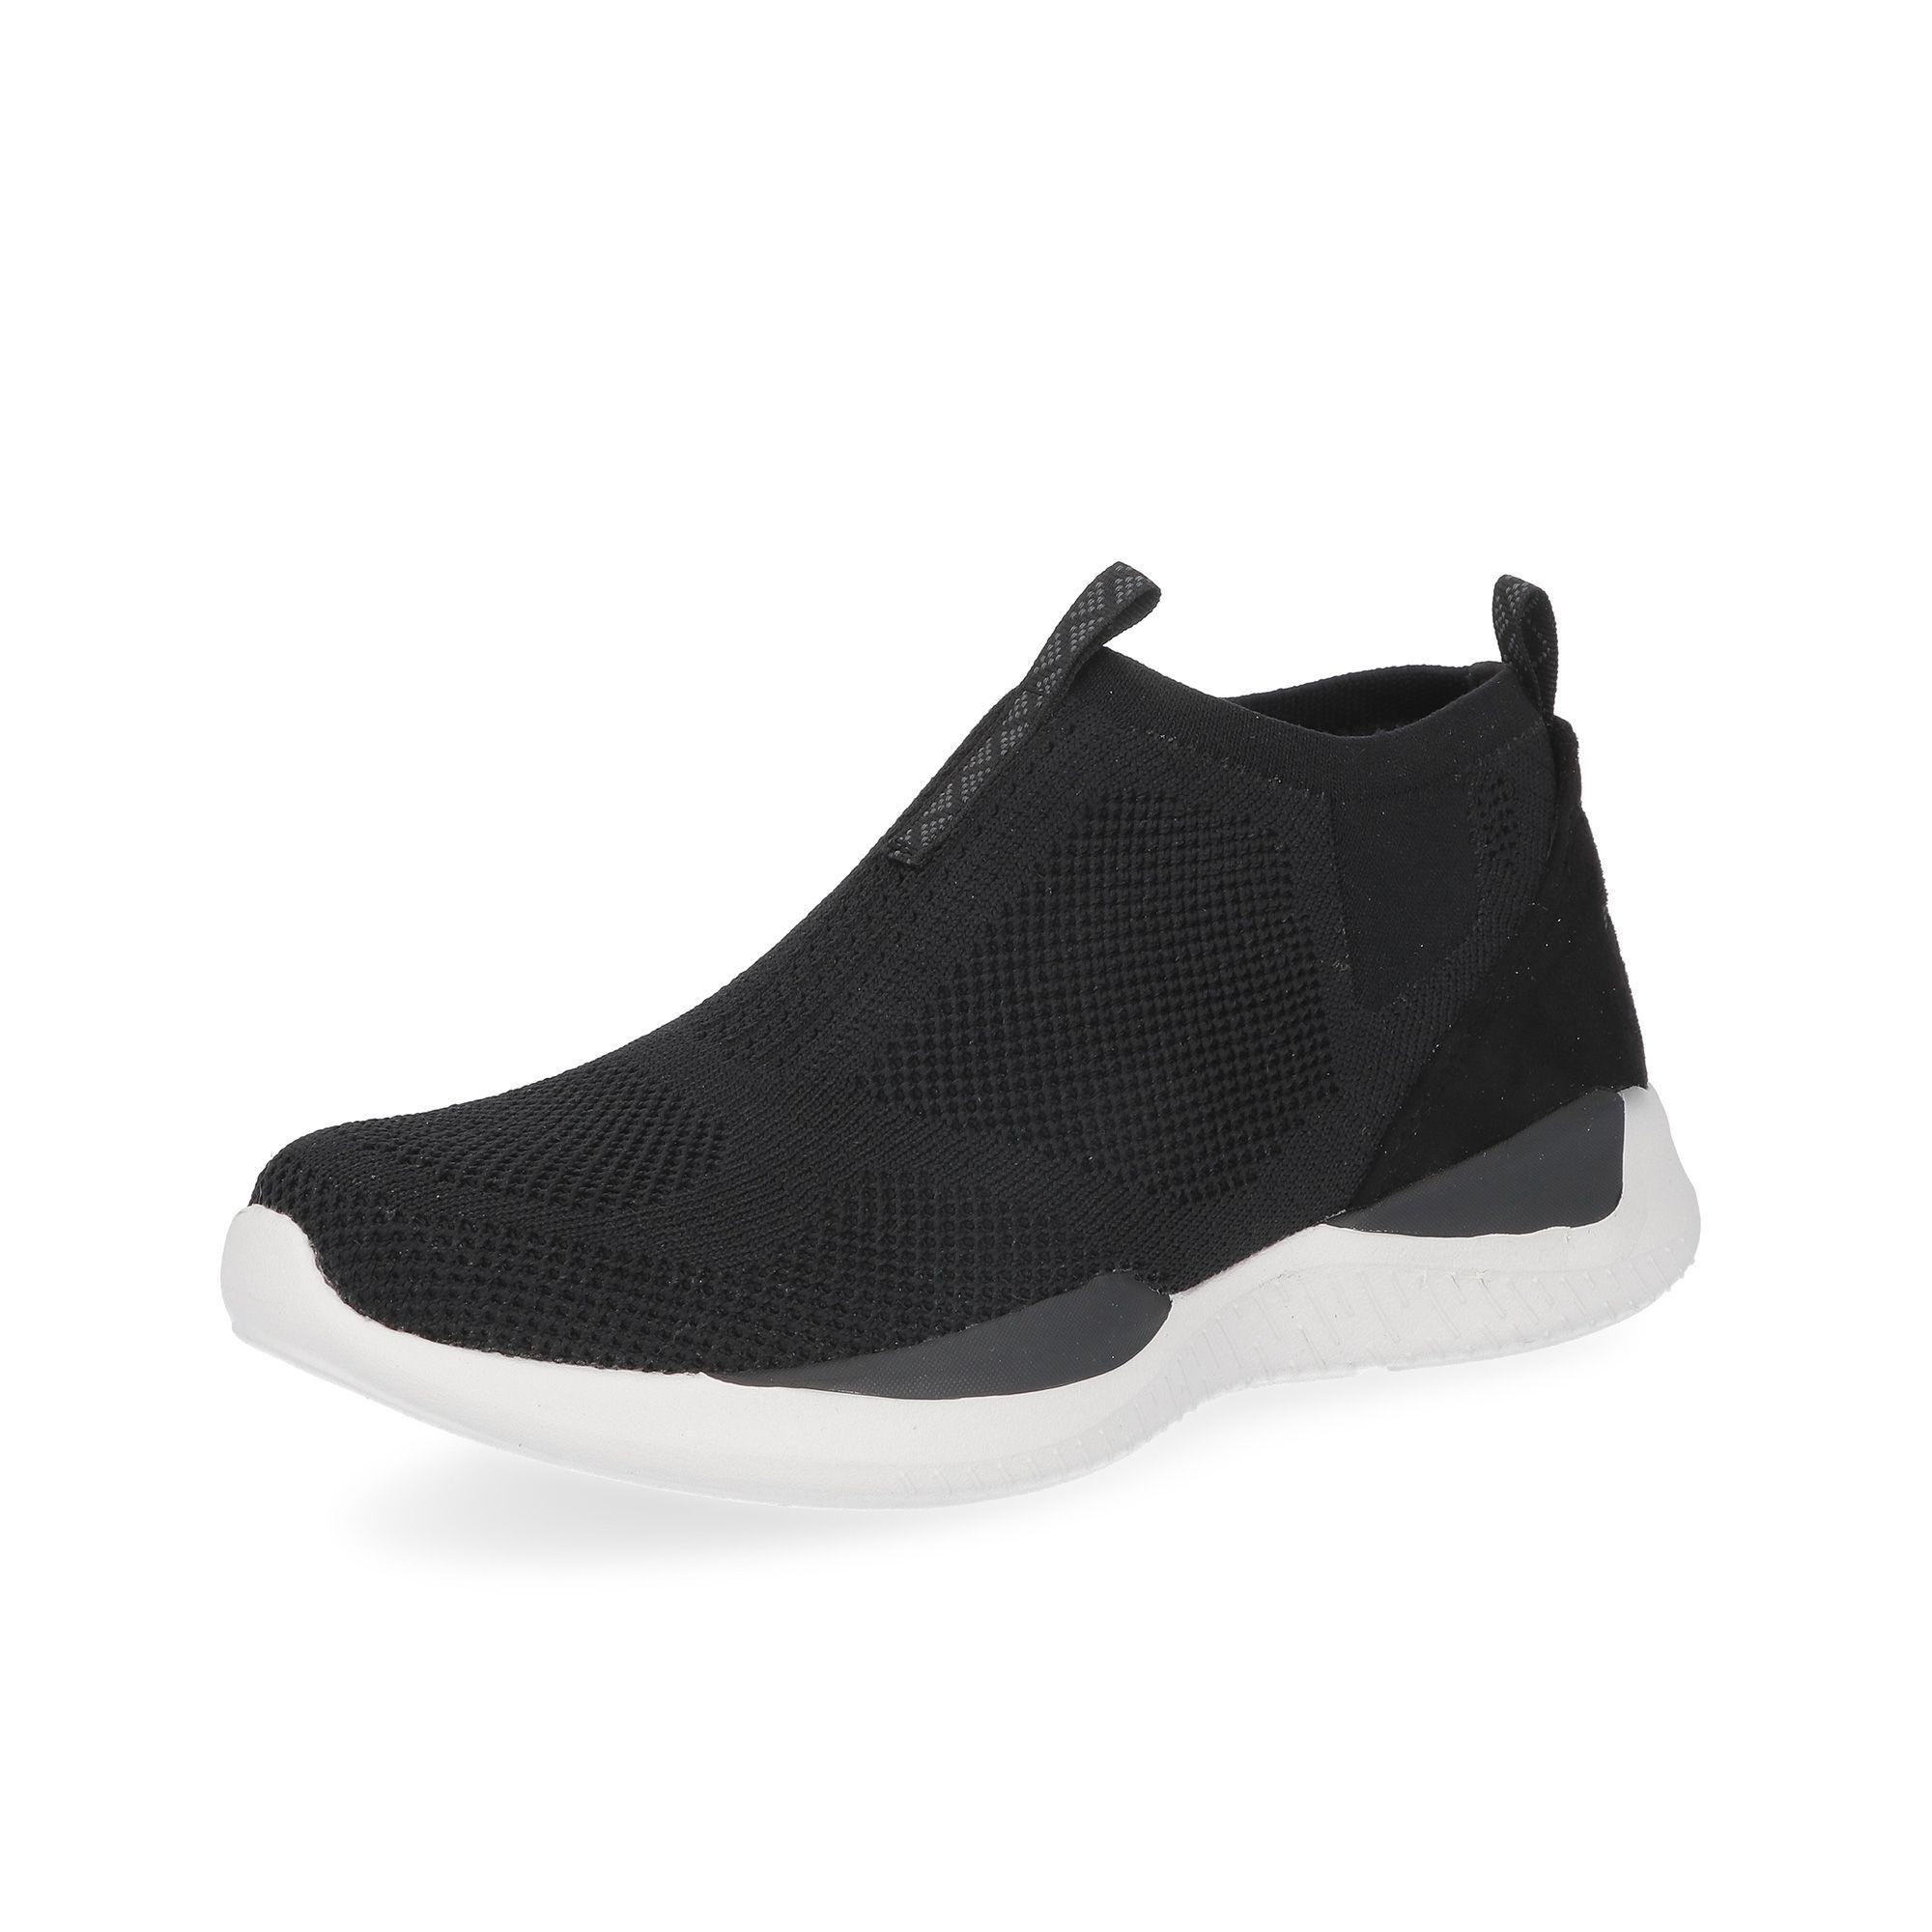 SKECHERS Sneaker alta Matrixx con tomaia in mesh e soletta Memory Foam